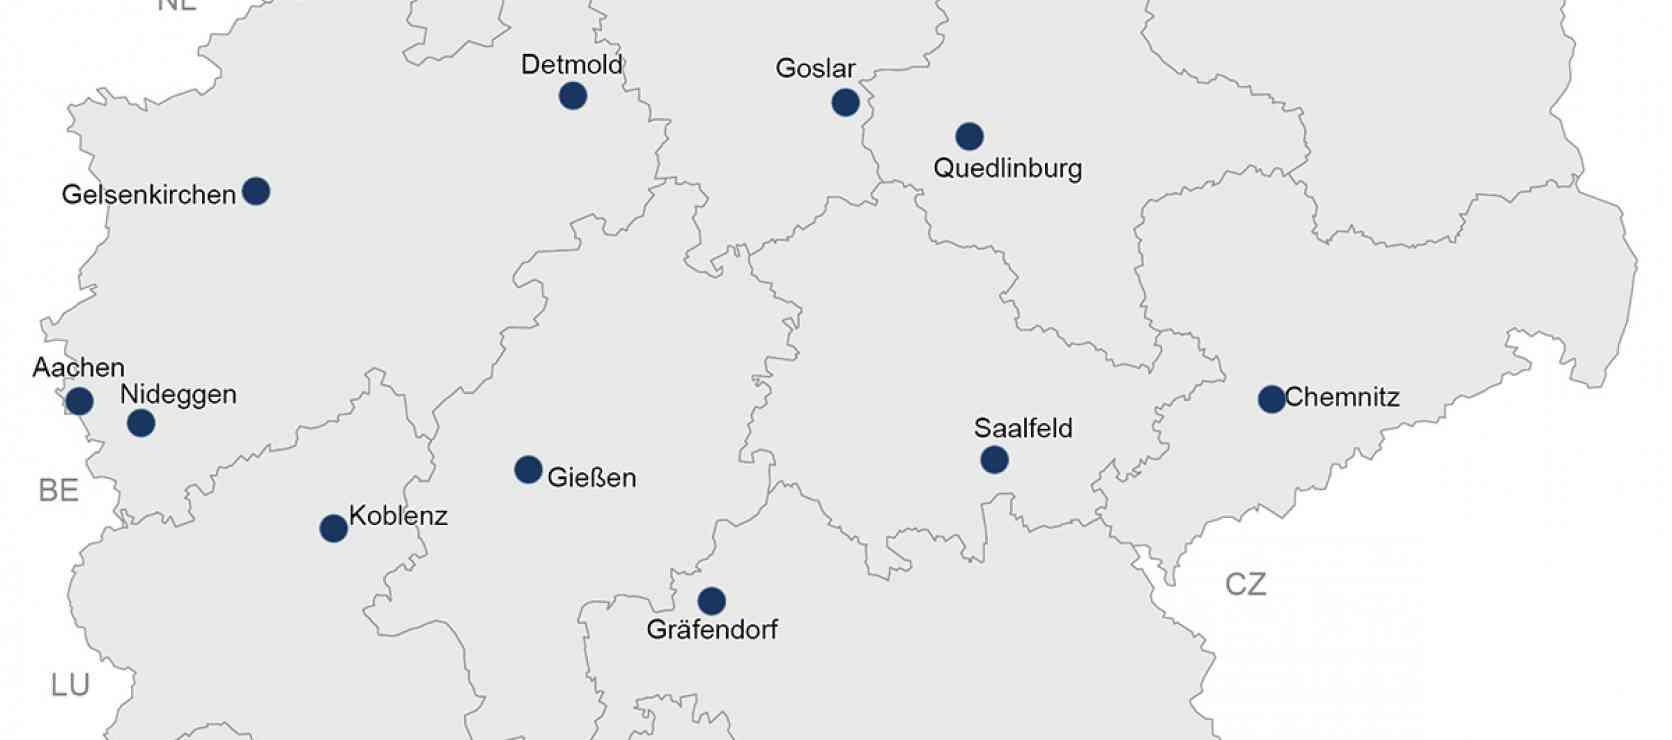 Nationale Projekte des Städtebaus 2021, © BBSR Bonn